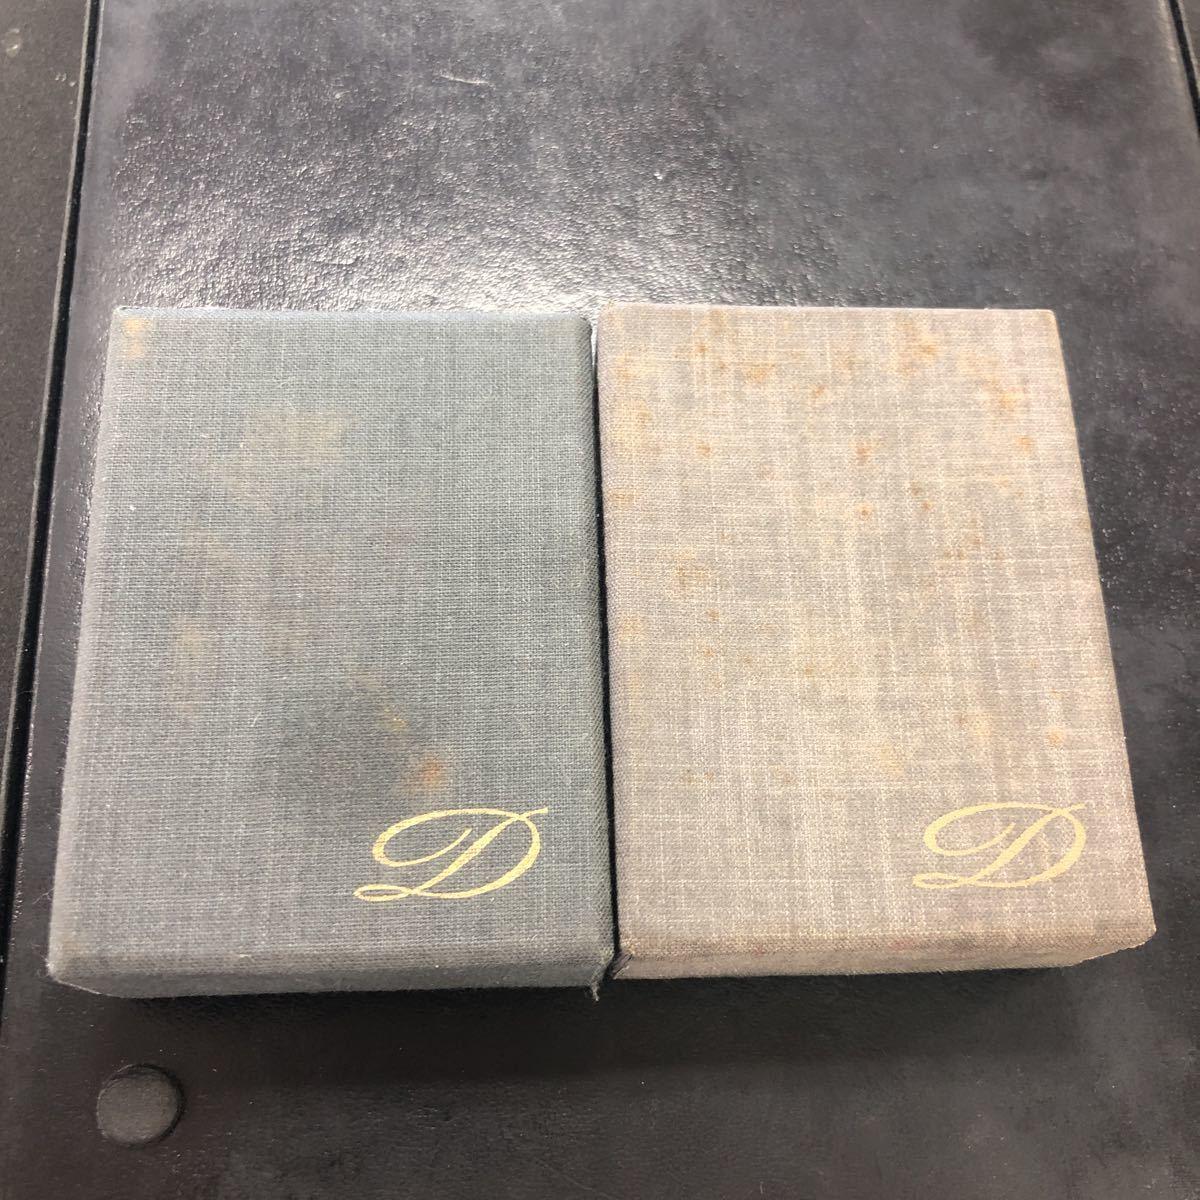 【ジャンク品】Dupont デュポン ガスライター シルバー色 ゴールド色 計2点 箱付き ギャラ 取説_画像10